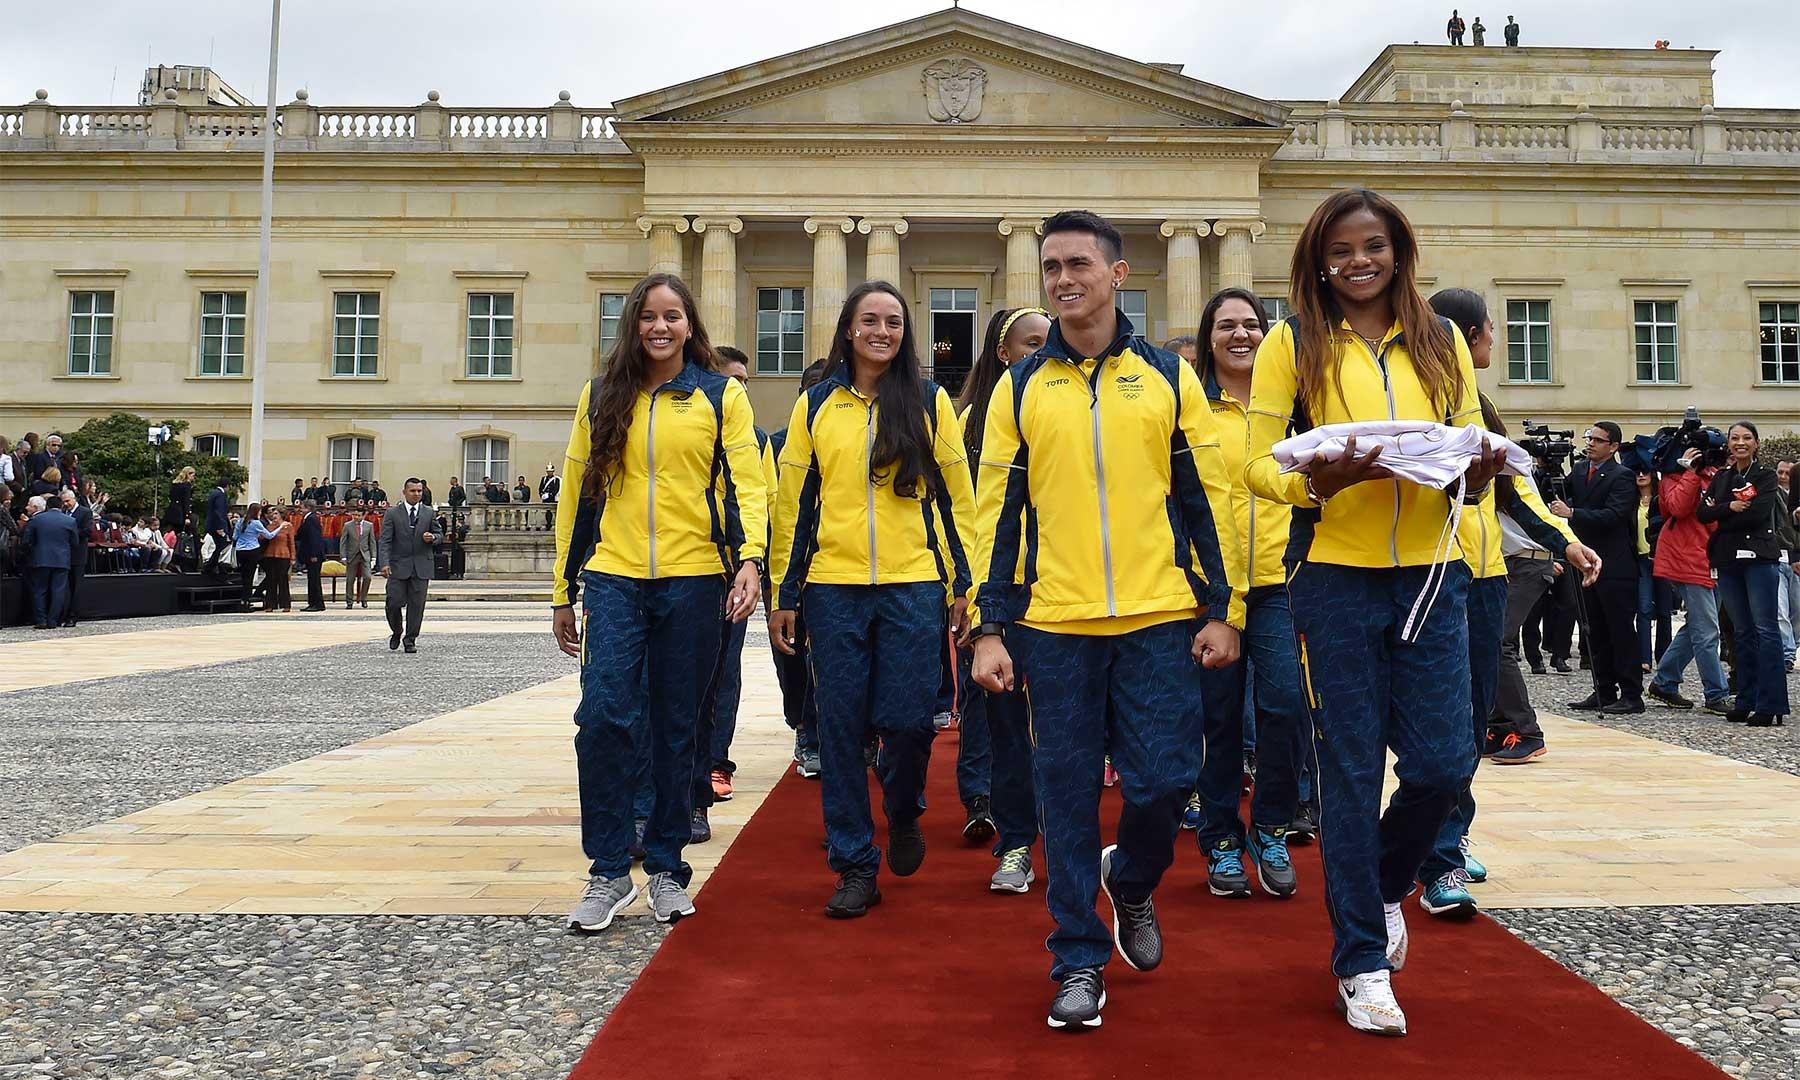 Deportistas colombianos que participarán en los Juegos Olímpicos de Río, a su salida de la Casa de Nariño este jueves tras recibir el Pabellón Nacional y la Bandera de la Paz.